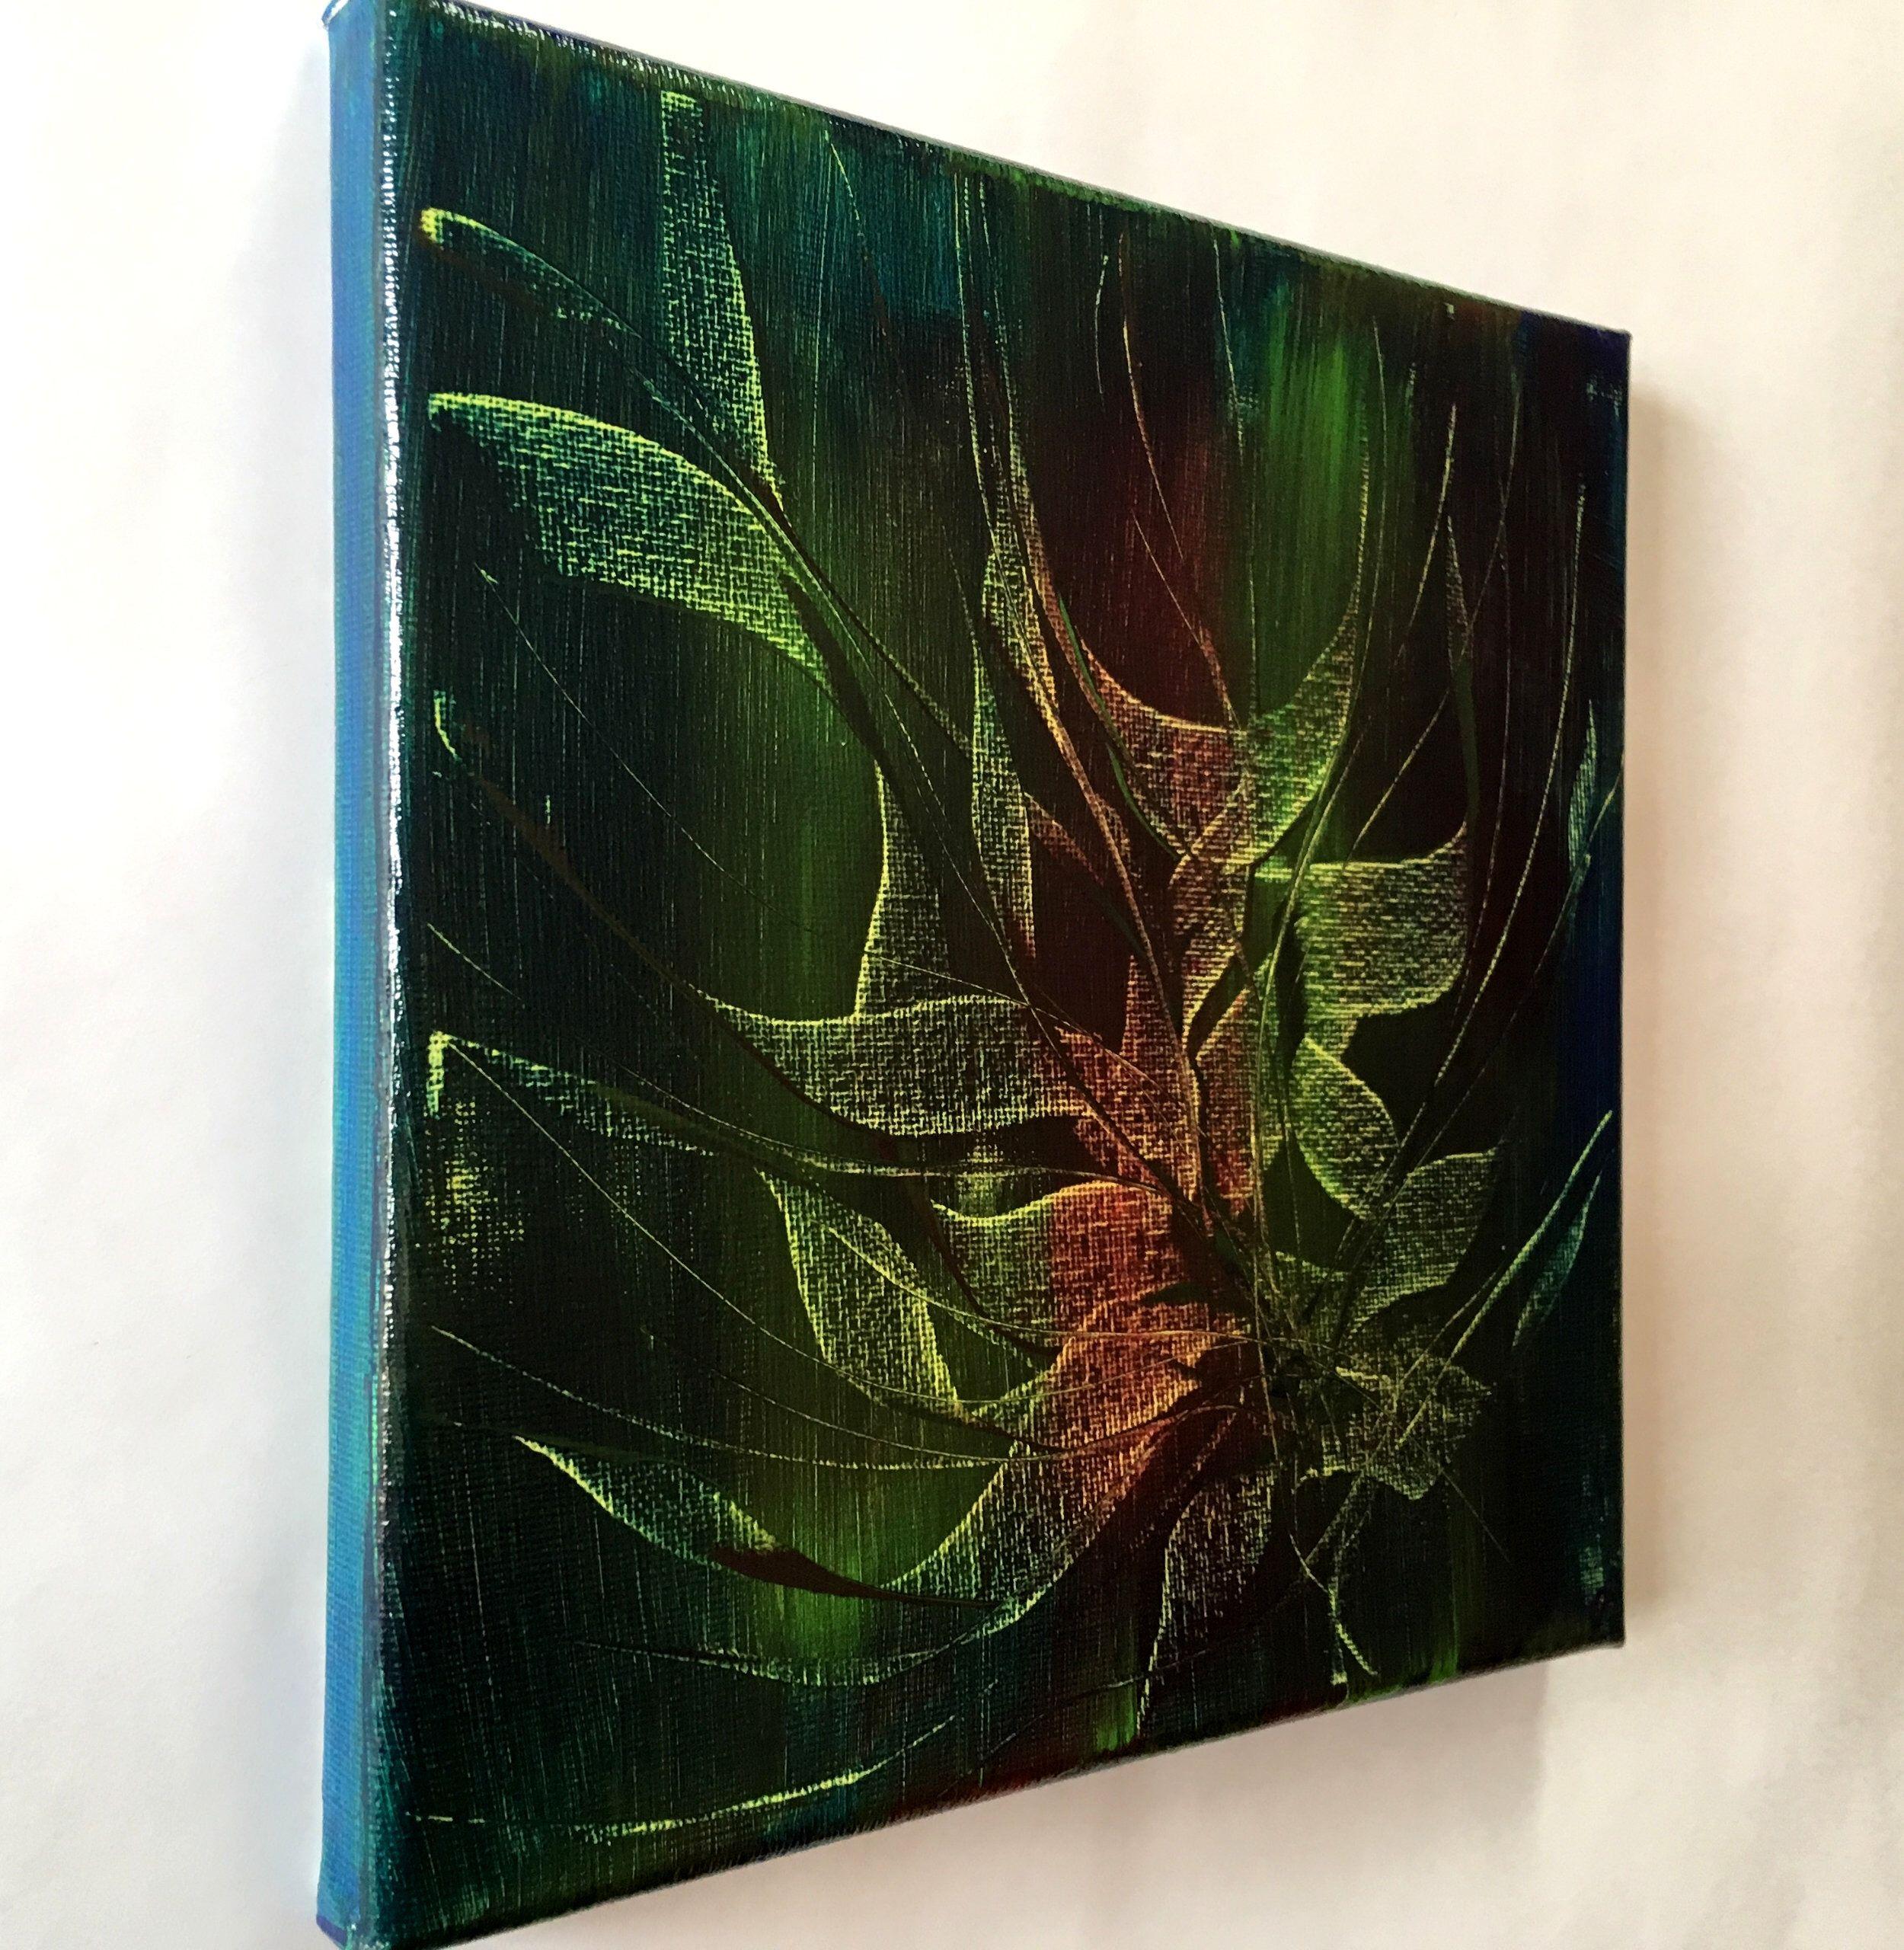 abstrakte malerei original abstraktes bild gemalde 20x20 cm etsy bilder abstrakt acrylbilder modern pinakothek der modernen